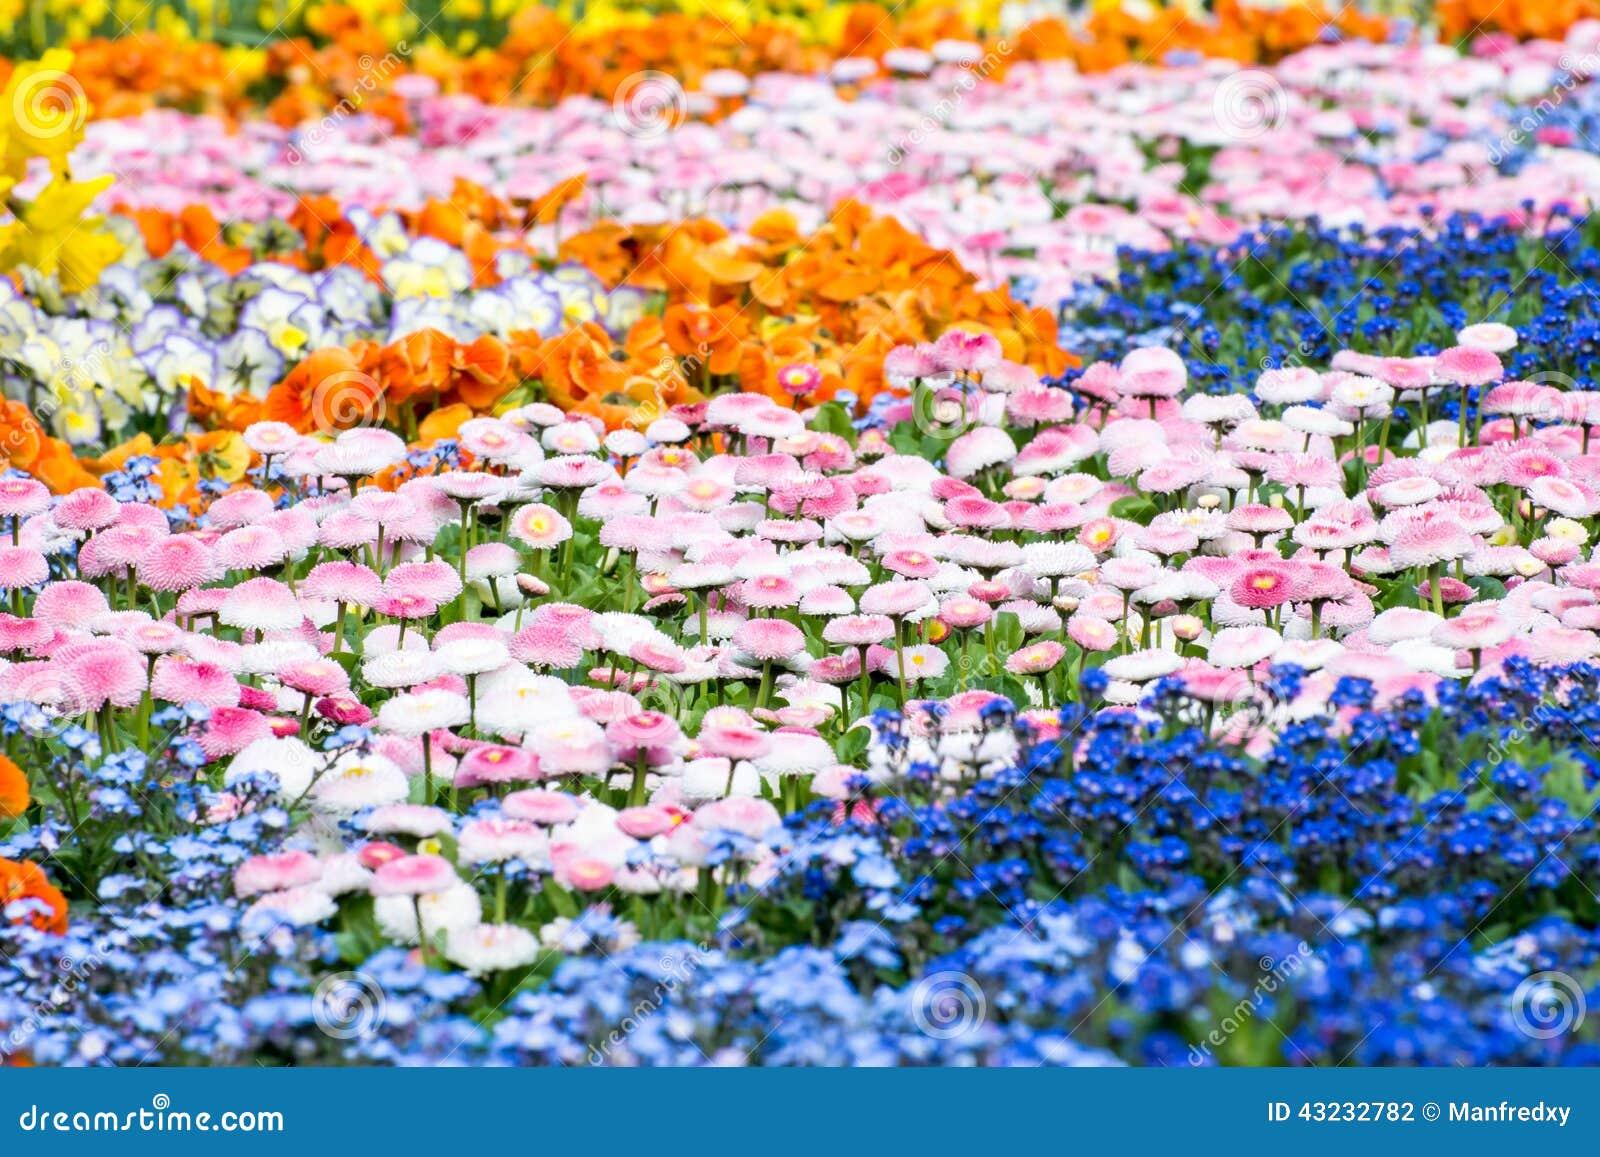 lit de fleur magnifique photo stock - image: 43232782